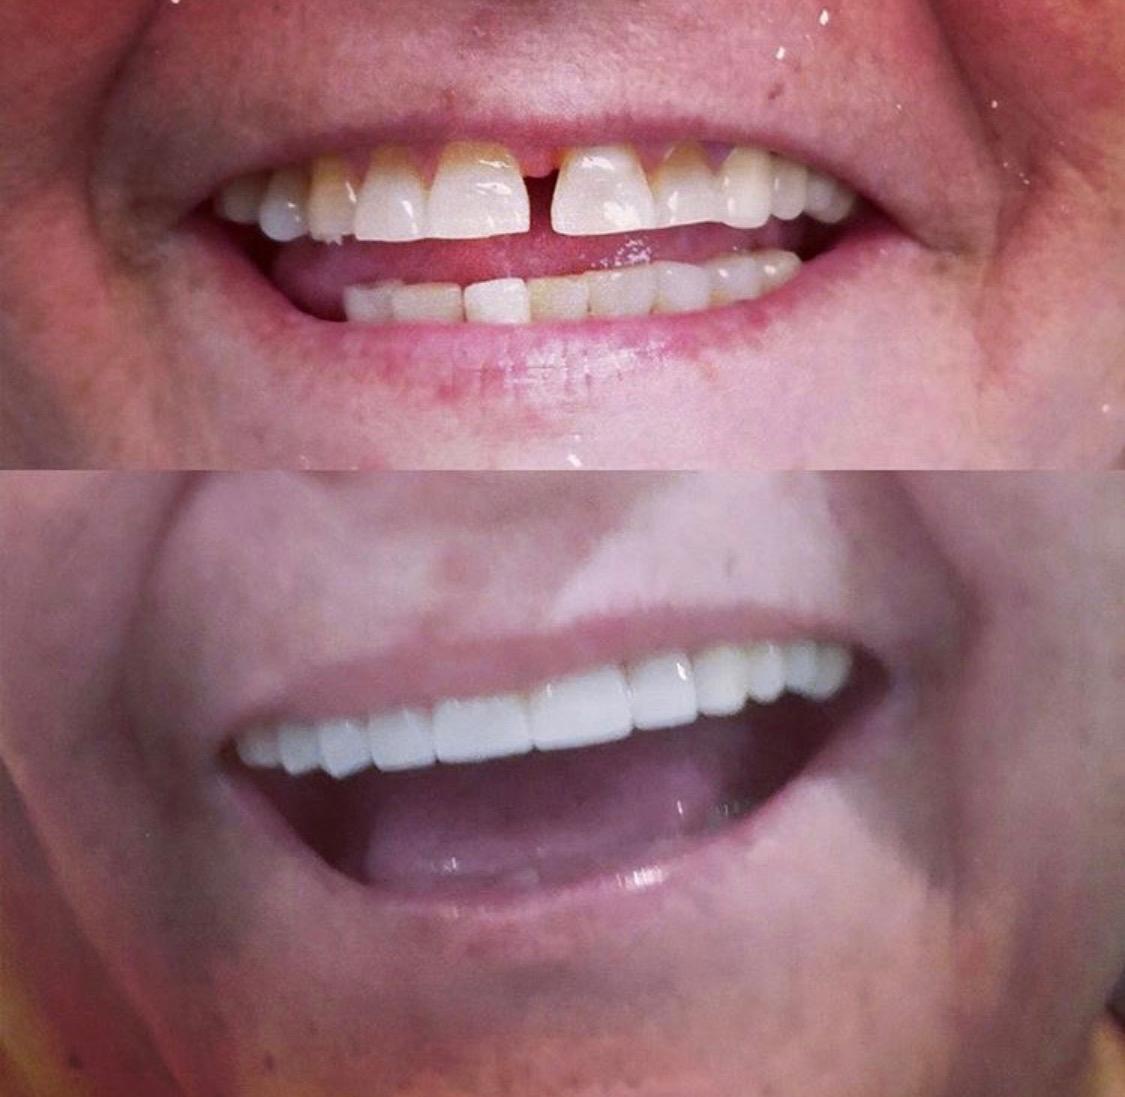 Dental veneers